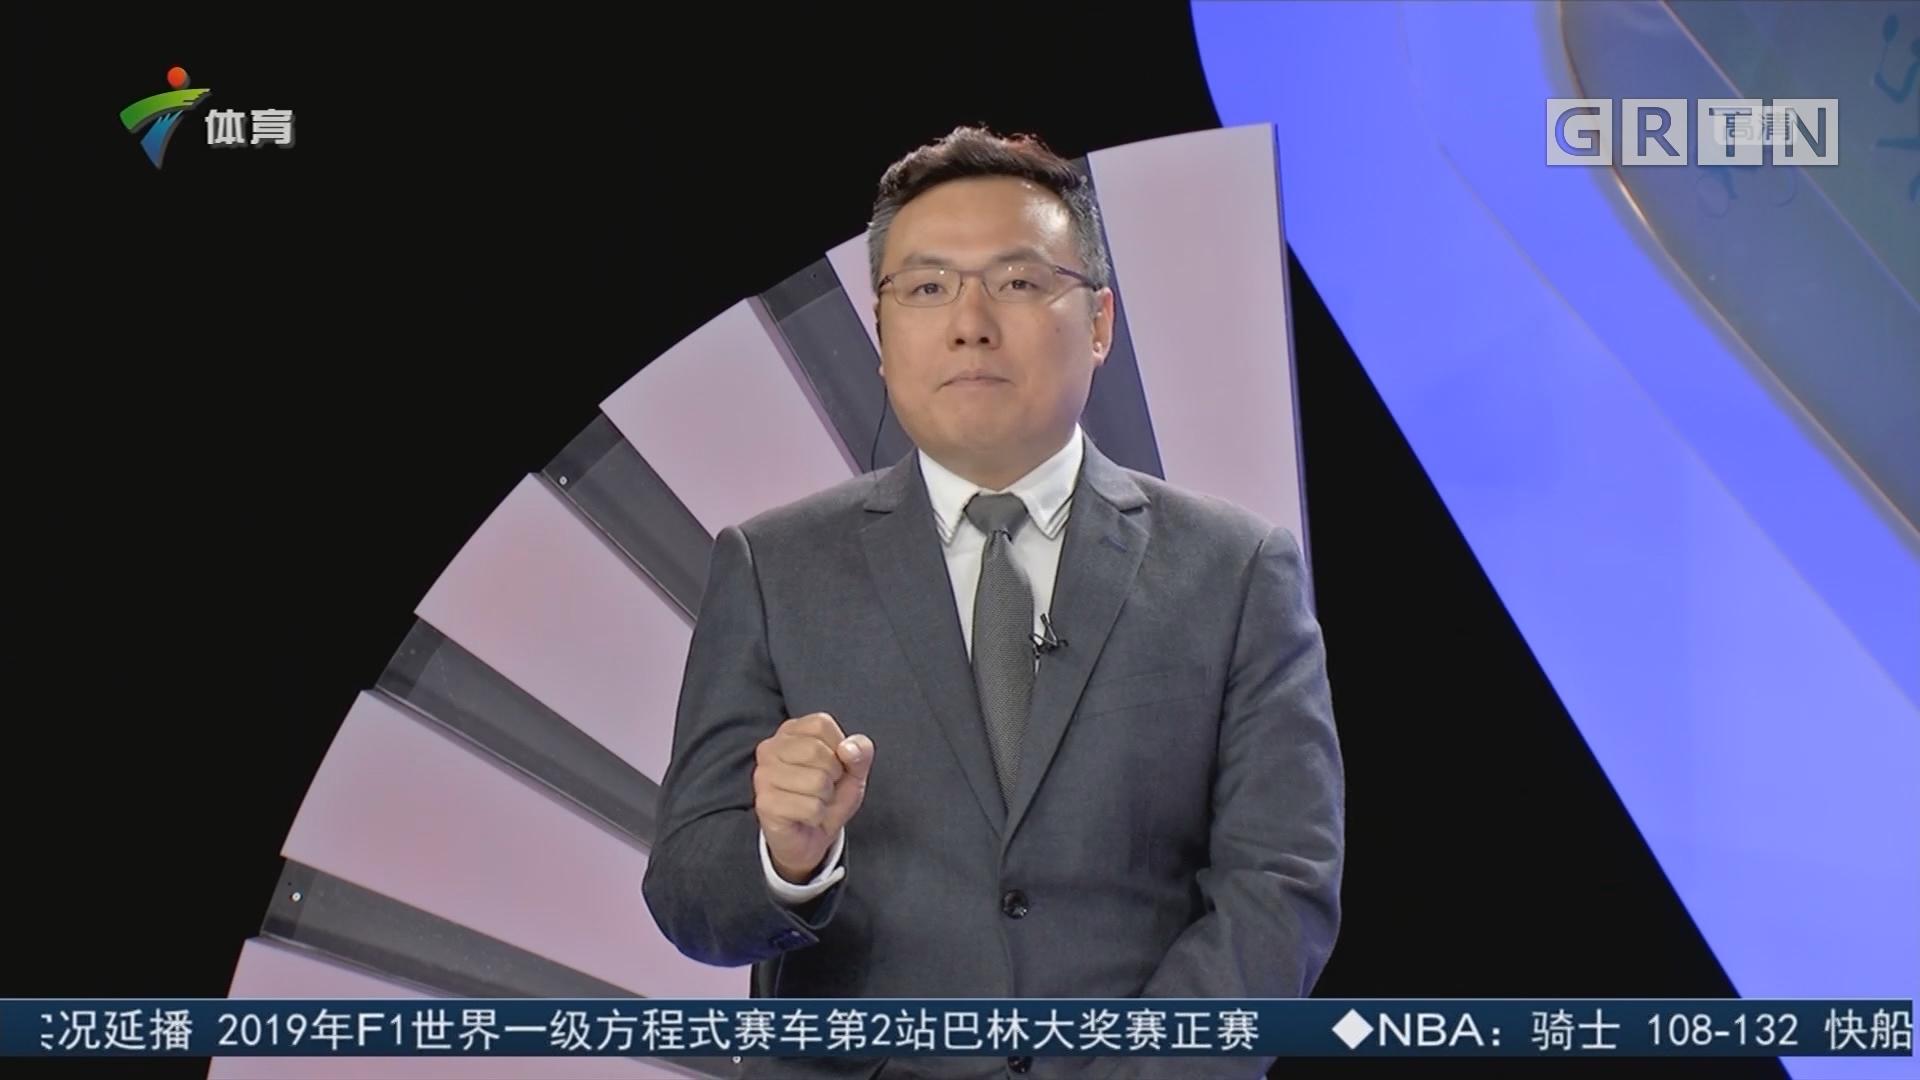 周维嘉评论中超积分榜